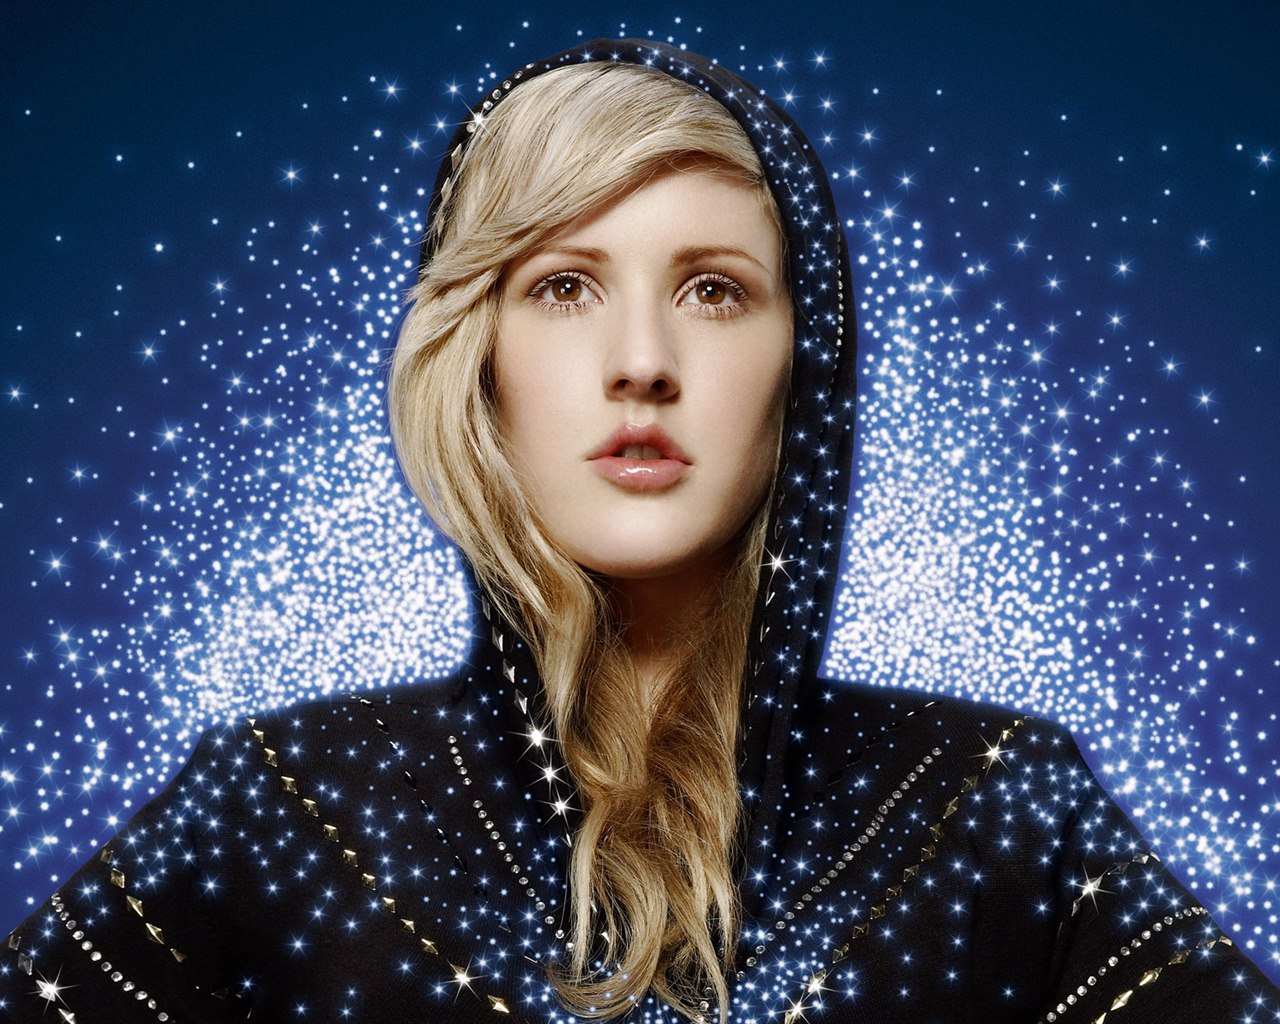 http://1.bp.blogspot.com/-kTFbzjCnJ04/UFVQziFwjPI/AAAAAAAACSc/WSrutbNQCo4/s1600/Ellie-Goulding-Glitter-Wallpapers.jpg